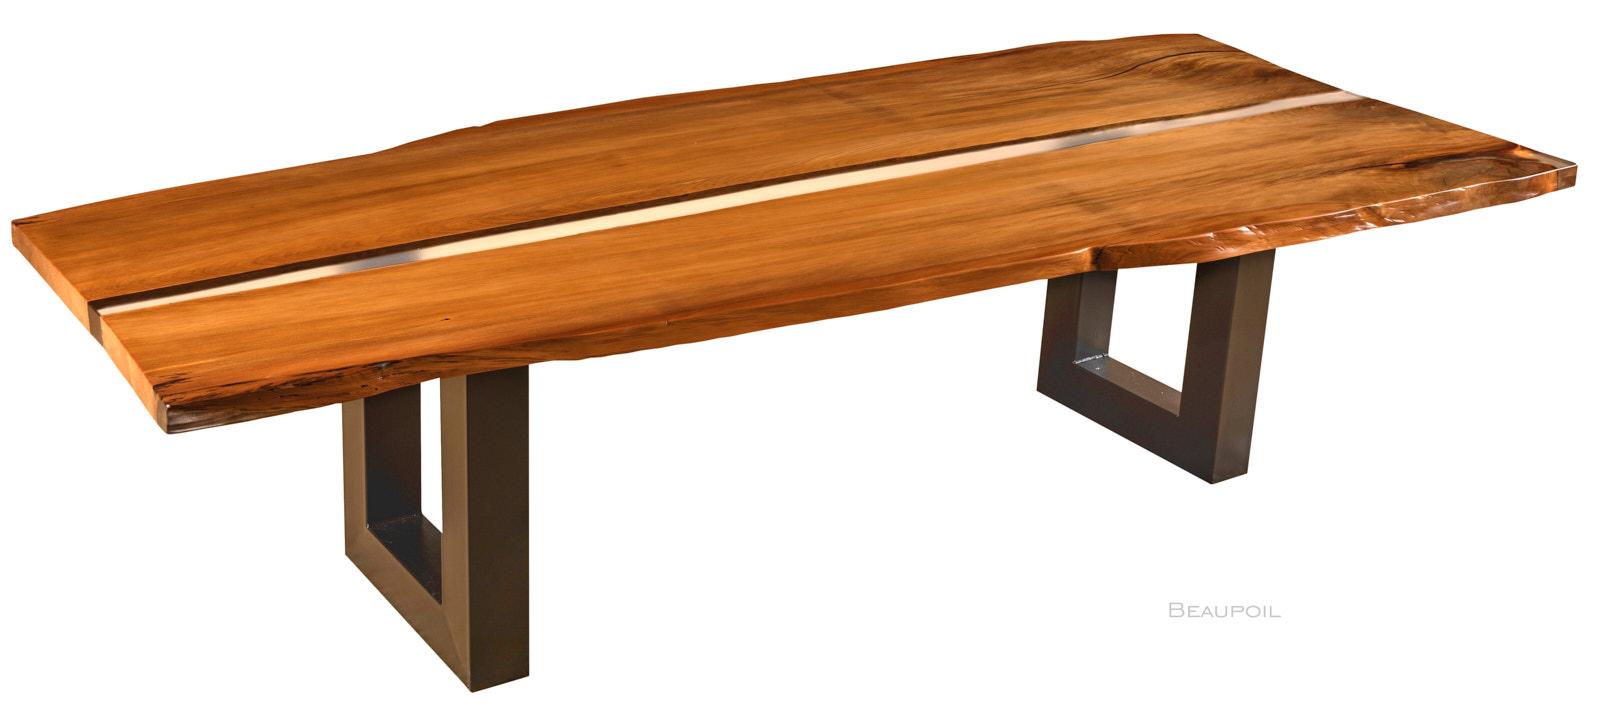 Einzigartiges Tischunikat aus prähistorischem Kauri Holz als River Table mit hochwertiger Qualität und feuchtigkeitsresistenter Oberfläche, Esstisch in Handarbeit